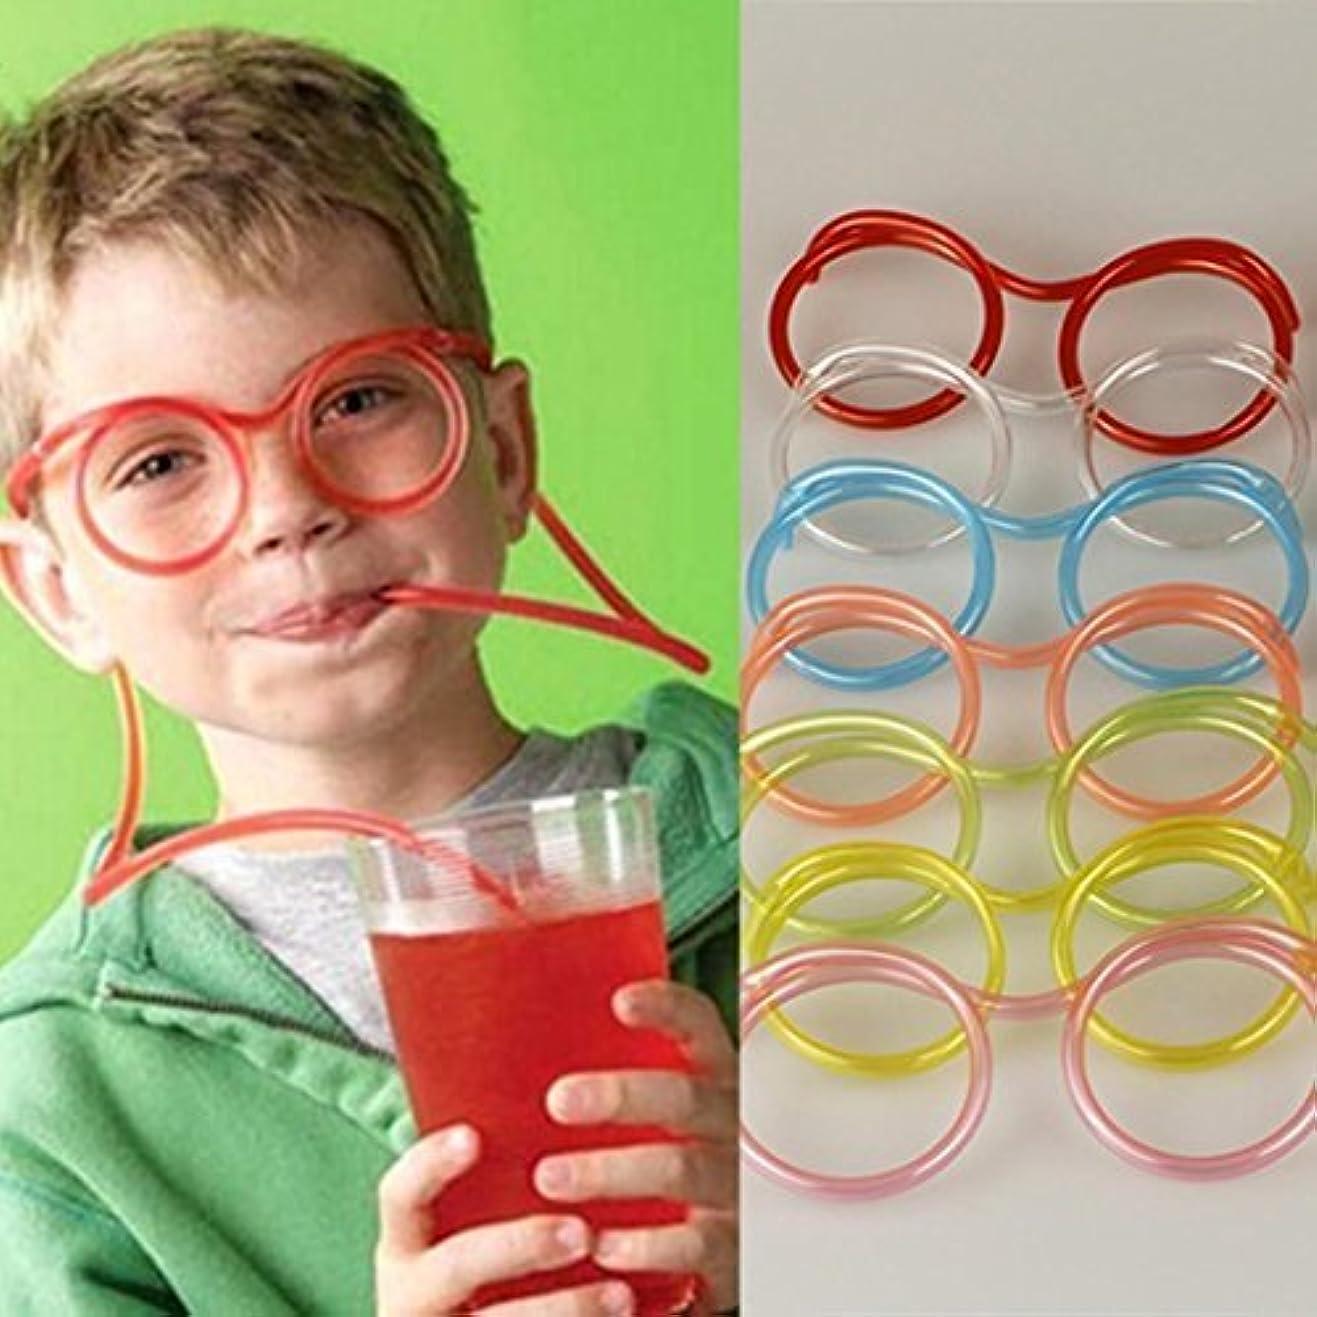 ホイスト類人猿ストレージ子供の楽しい狂ったノベルティグラスフレキシブルストロー飲み会管ギフト用品